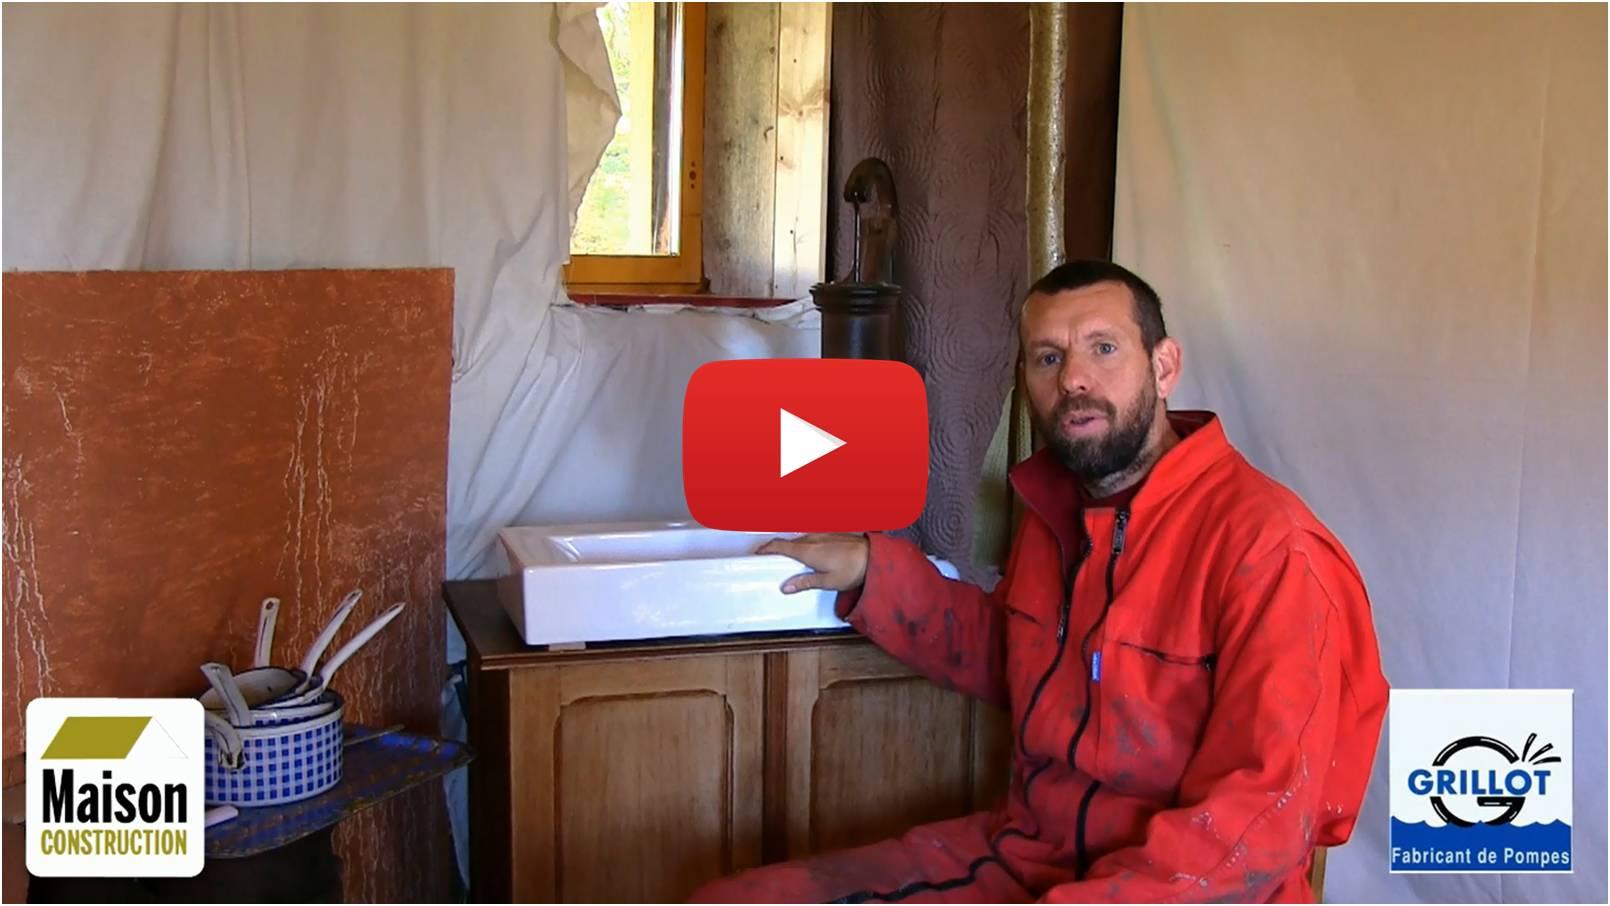 Eldamar pisode n 8 cuve de r cup ration d 39 eau de pluie et pompe manuelle - Cuve de recuperation d eau ...